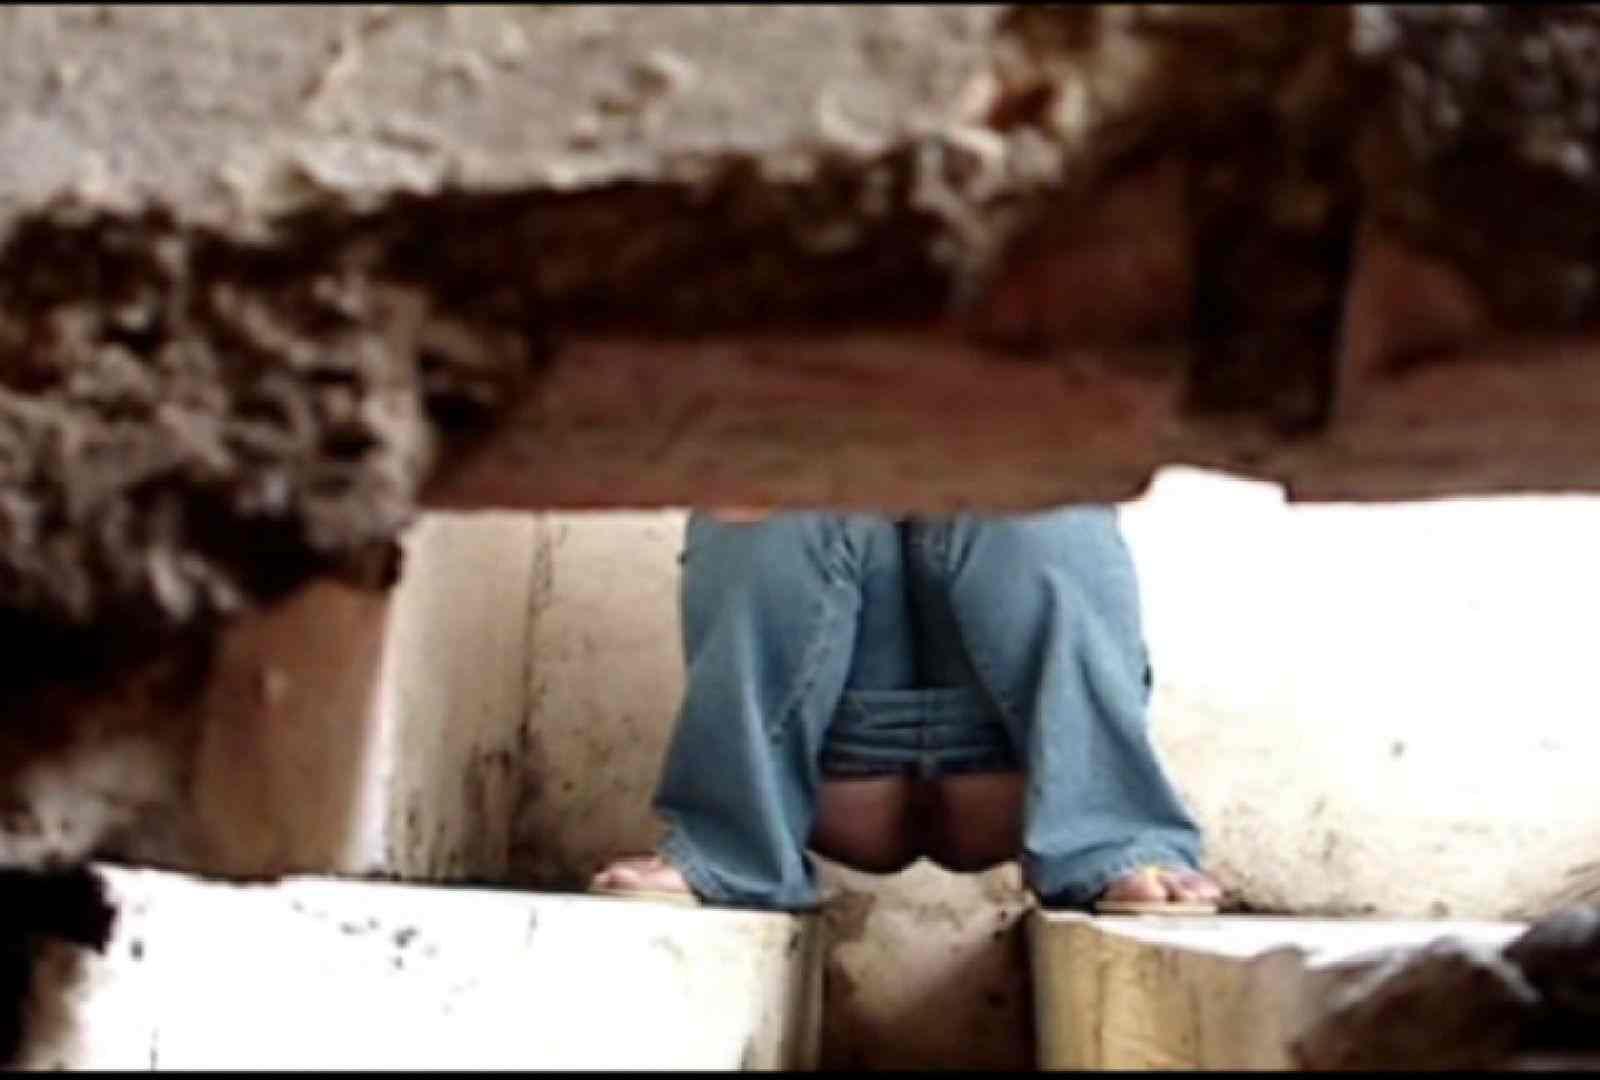 洗面所で暗躍する撮師たちの潜入記Vol.4 洗面所はめどり 盗撮画像 104画像 63